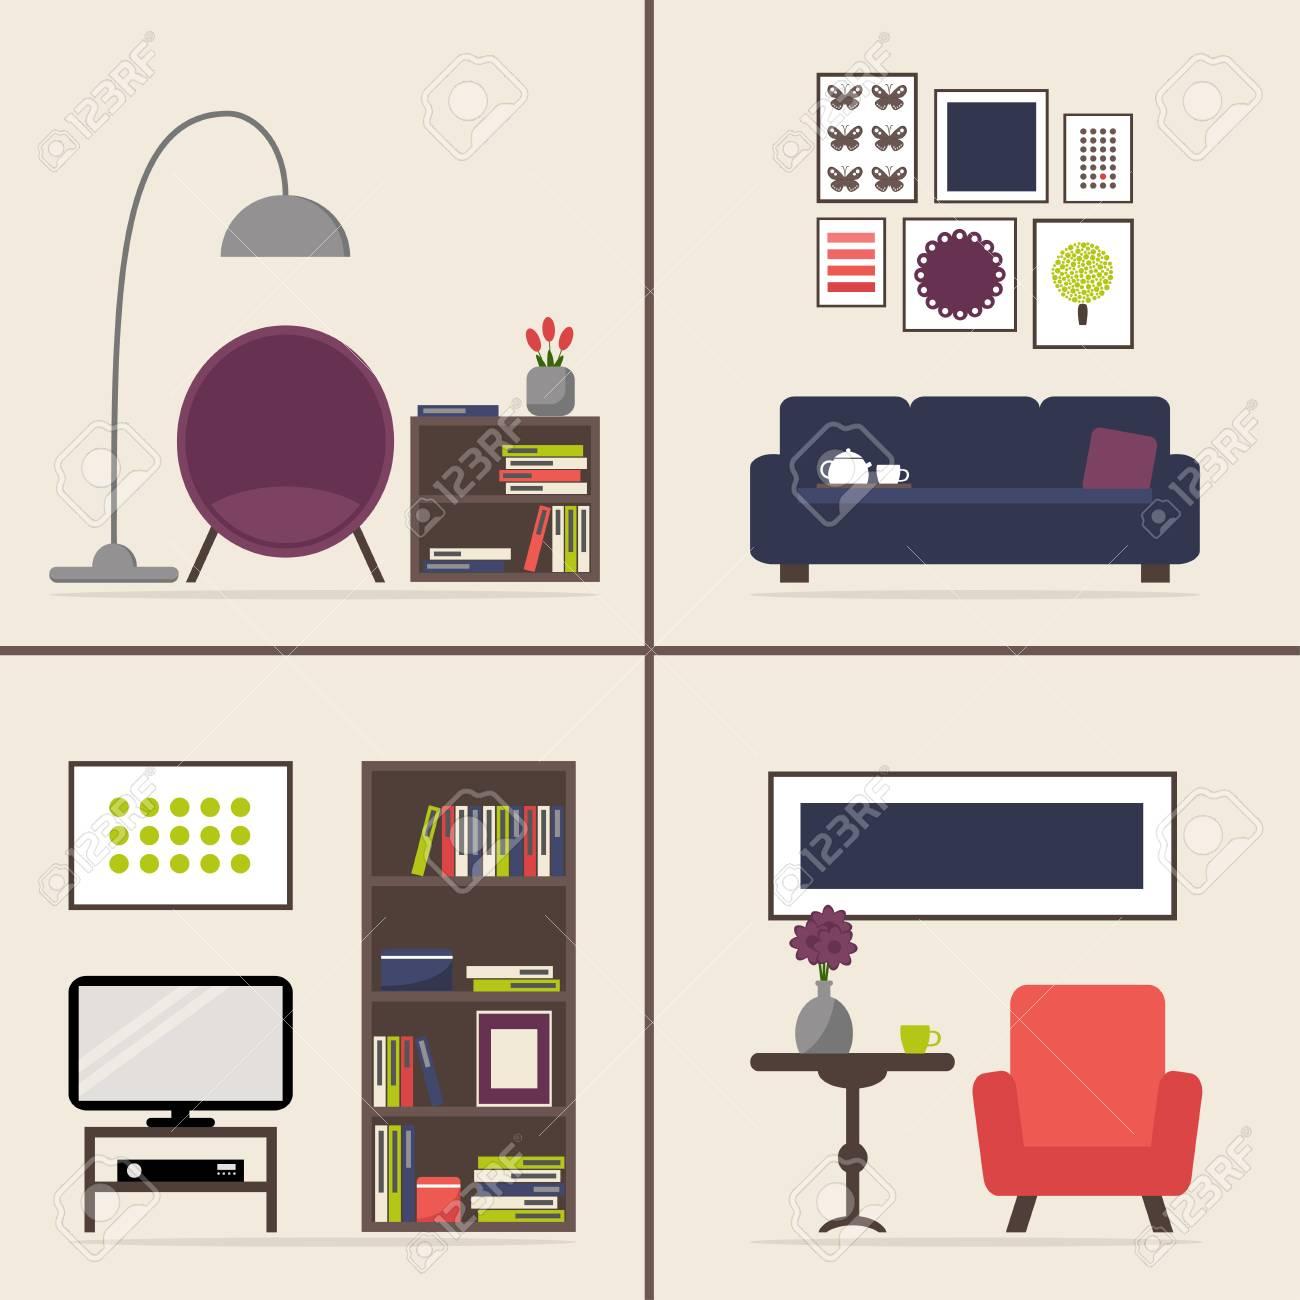 Wohnzimmer Inter Set. Möbel Isoliert Elemente. Wohnung Stil Abbildung.  Standard Bild